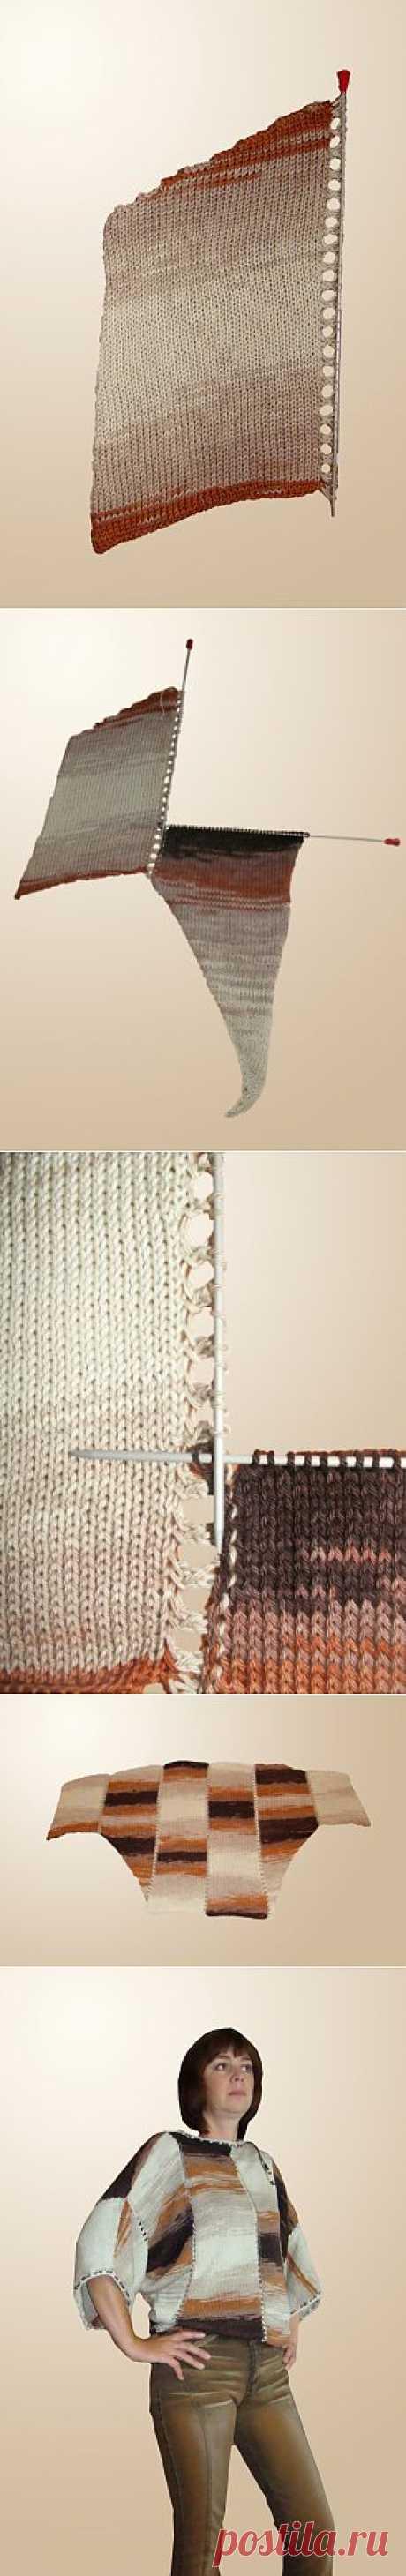 Мастер-класс по работе с меланжевой пряжей от Анастасии Ермолаевой.